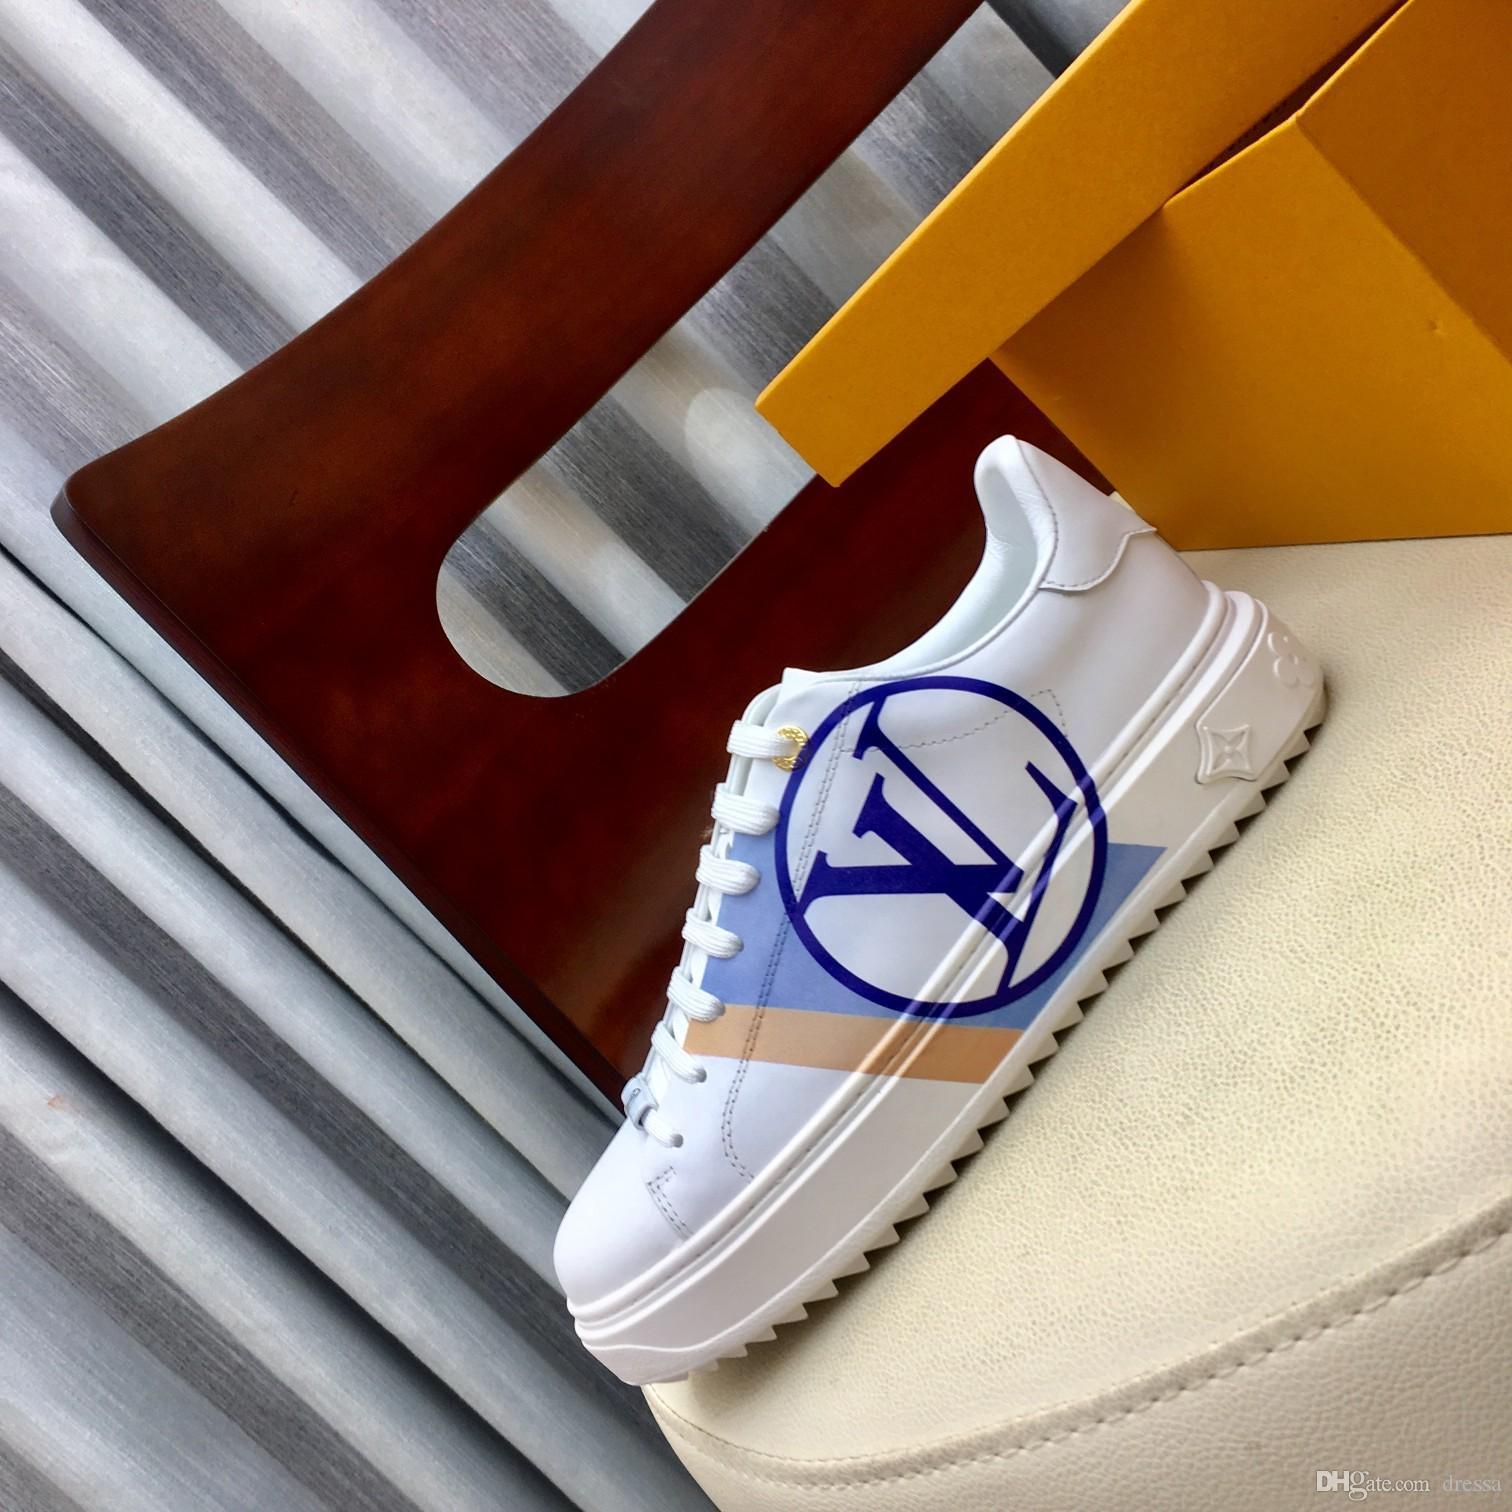 New5 топ роскошные повседневная обувь Мода дикий спортивная обувь толстое дно открытый удобные мужчины и женщины обувь оригинальная коробка быстрая доставка